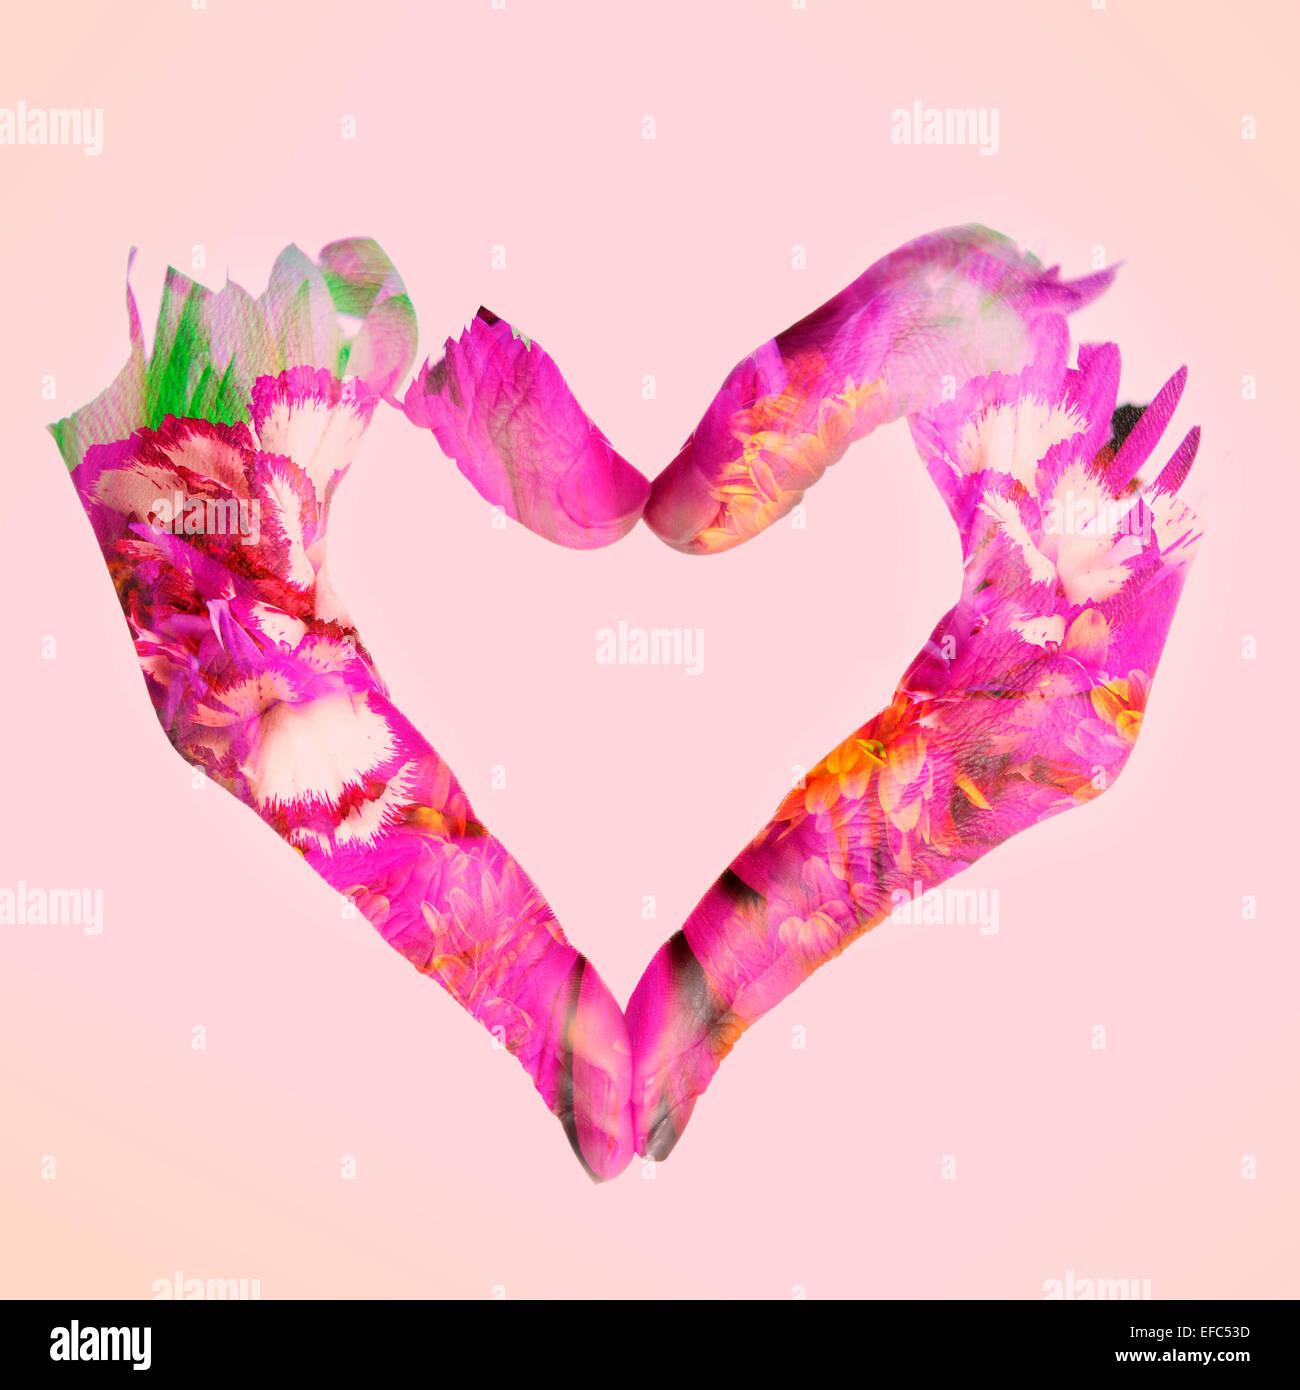 Double exposition de femme mains formant un cœur et des fleurs, sur un fond rose Photo Stock